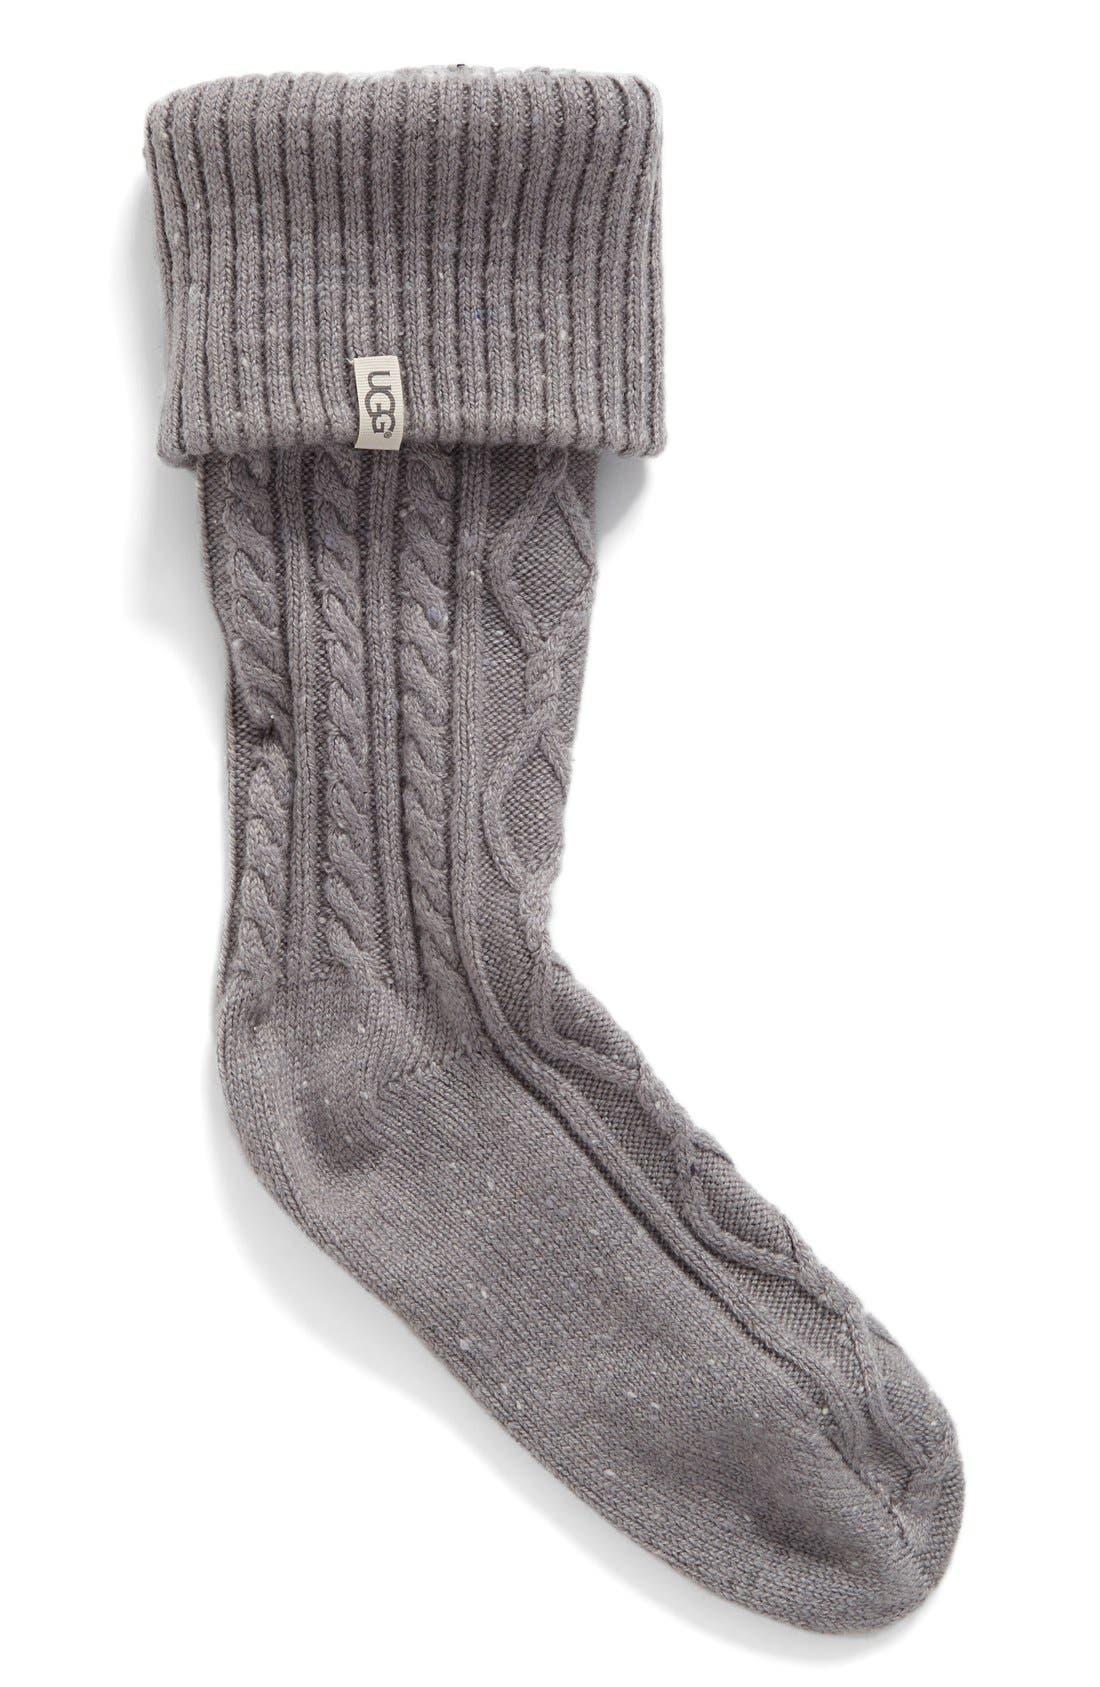 'Shaye' Tall Boot Socks,                             Main thumbnail 1, color,                             Seal Fabric